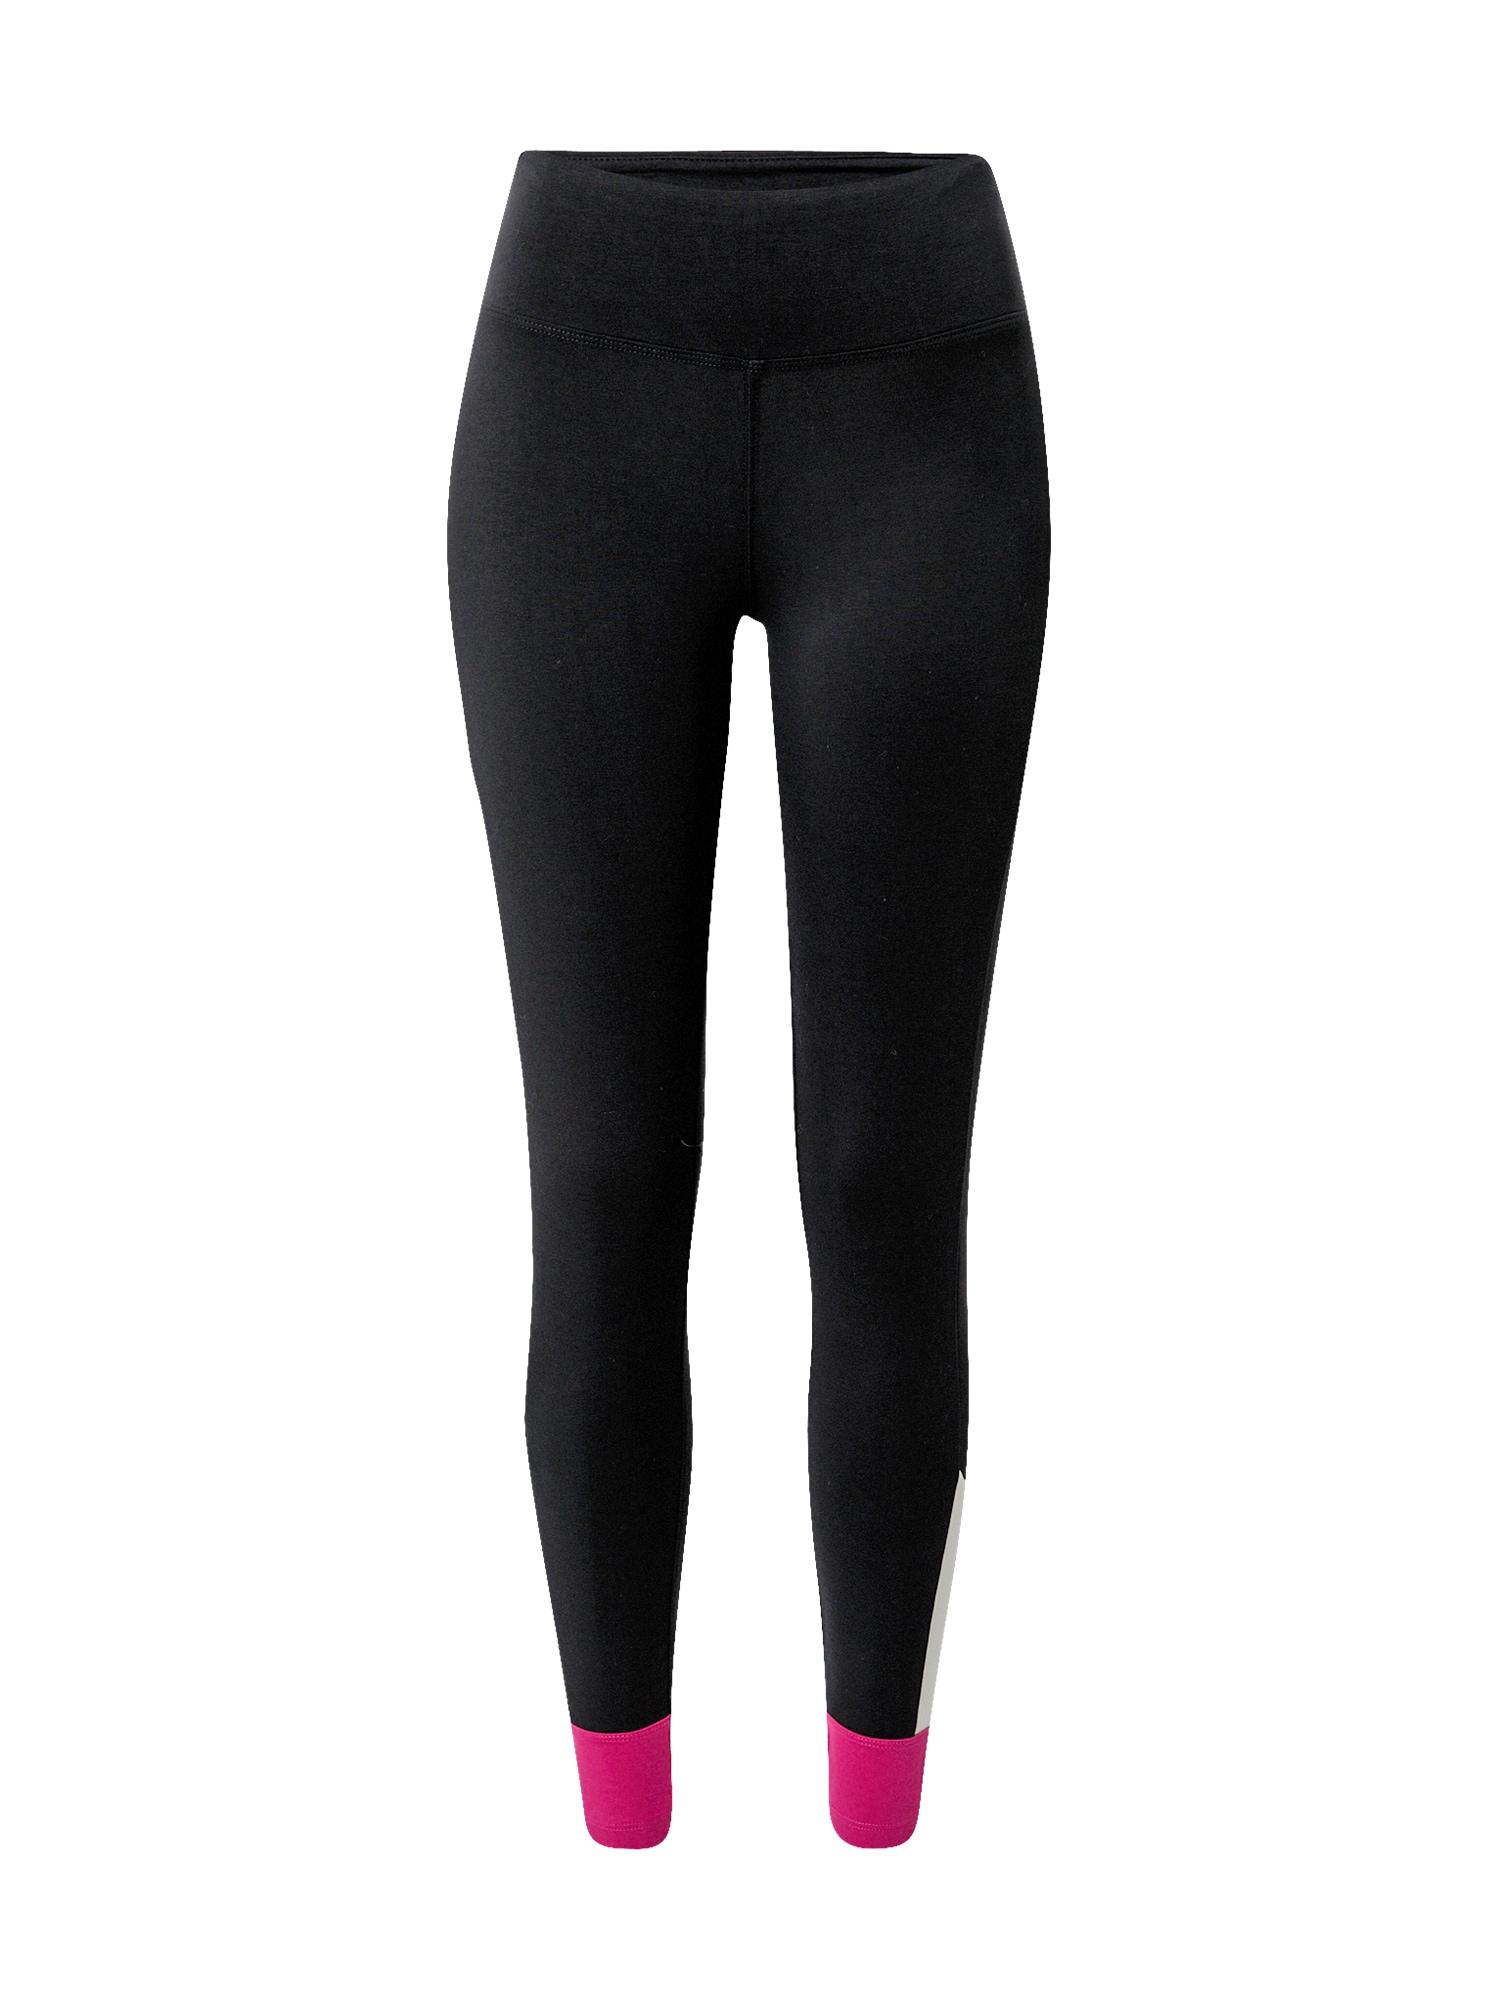 ESPRIT SPORT Sportinės kelnės juoda / balta / rožinė